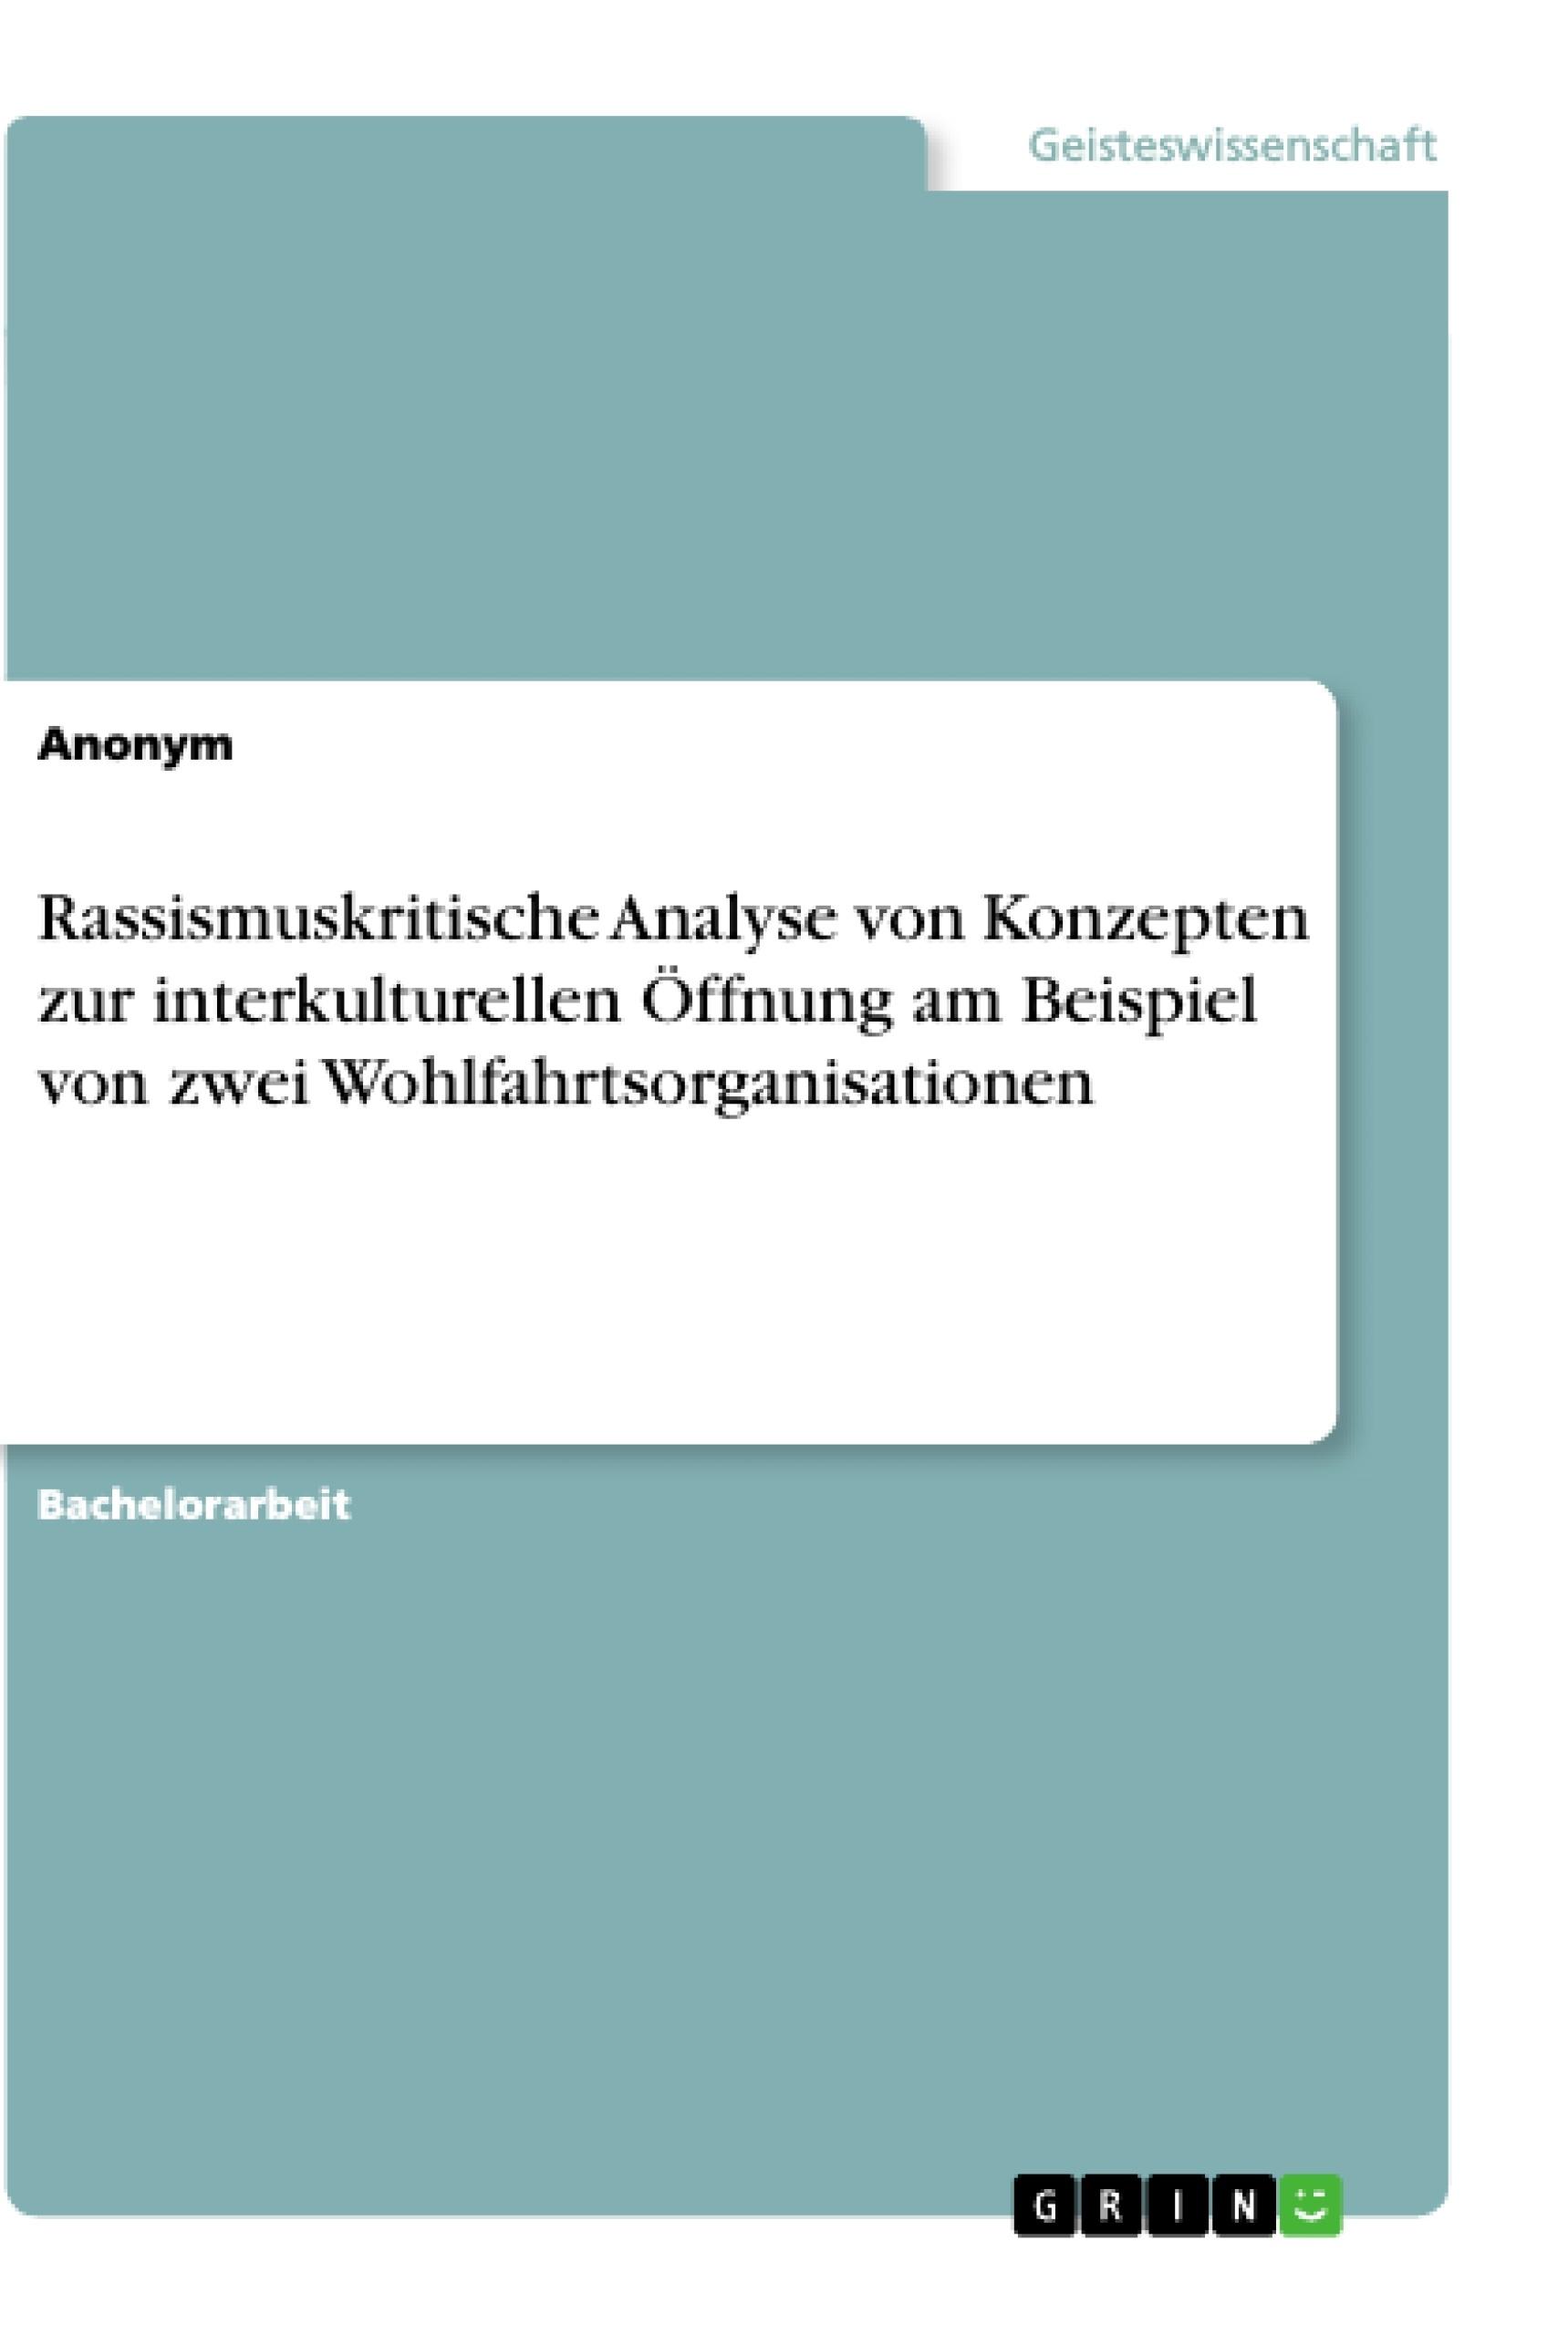 Titel: Rassismuskritische Analyse von Konzepten zur interkulturellen Öffnung am Beispiel von zwei Wohlfahrtsorganisationen